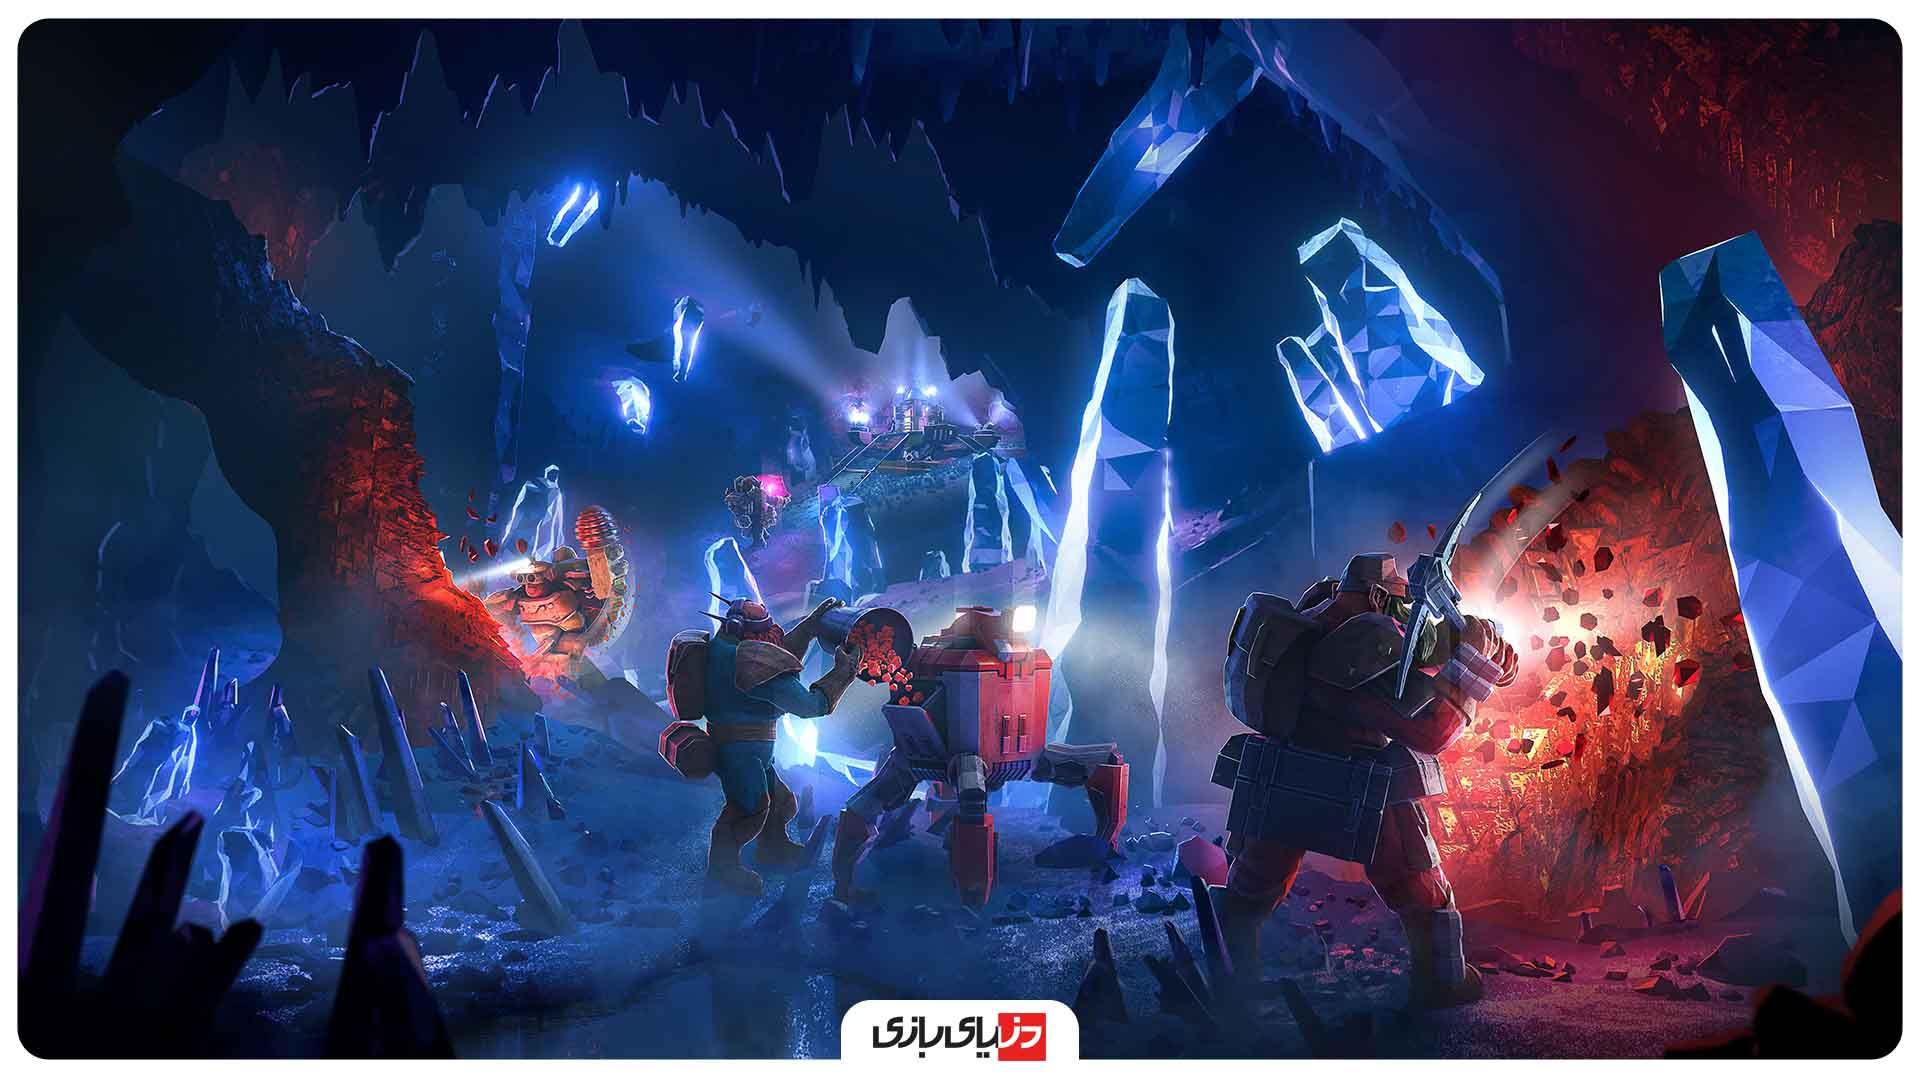 بهترین بازی از نظر IGN – بازی Deep Rock Galactic